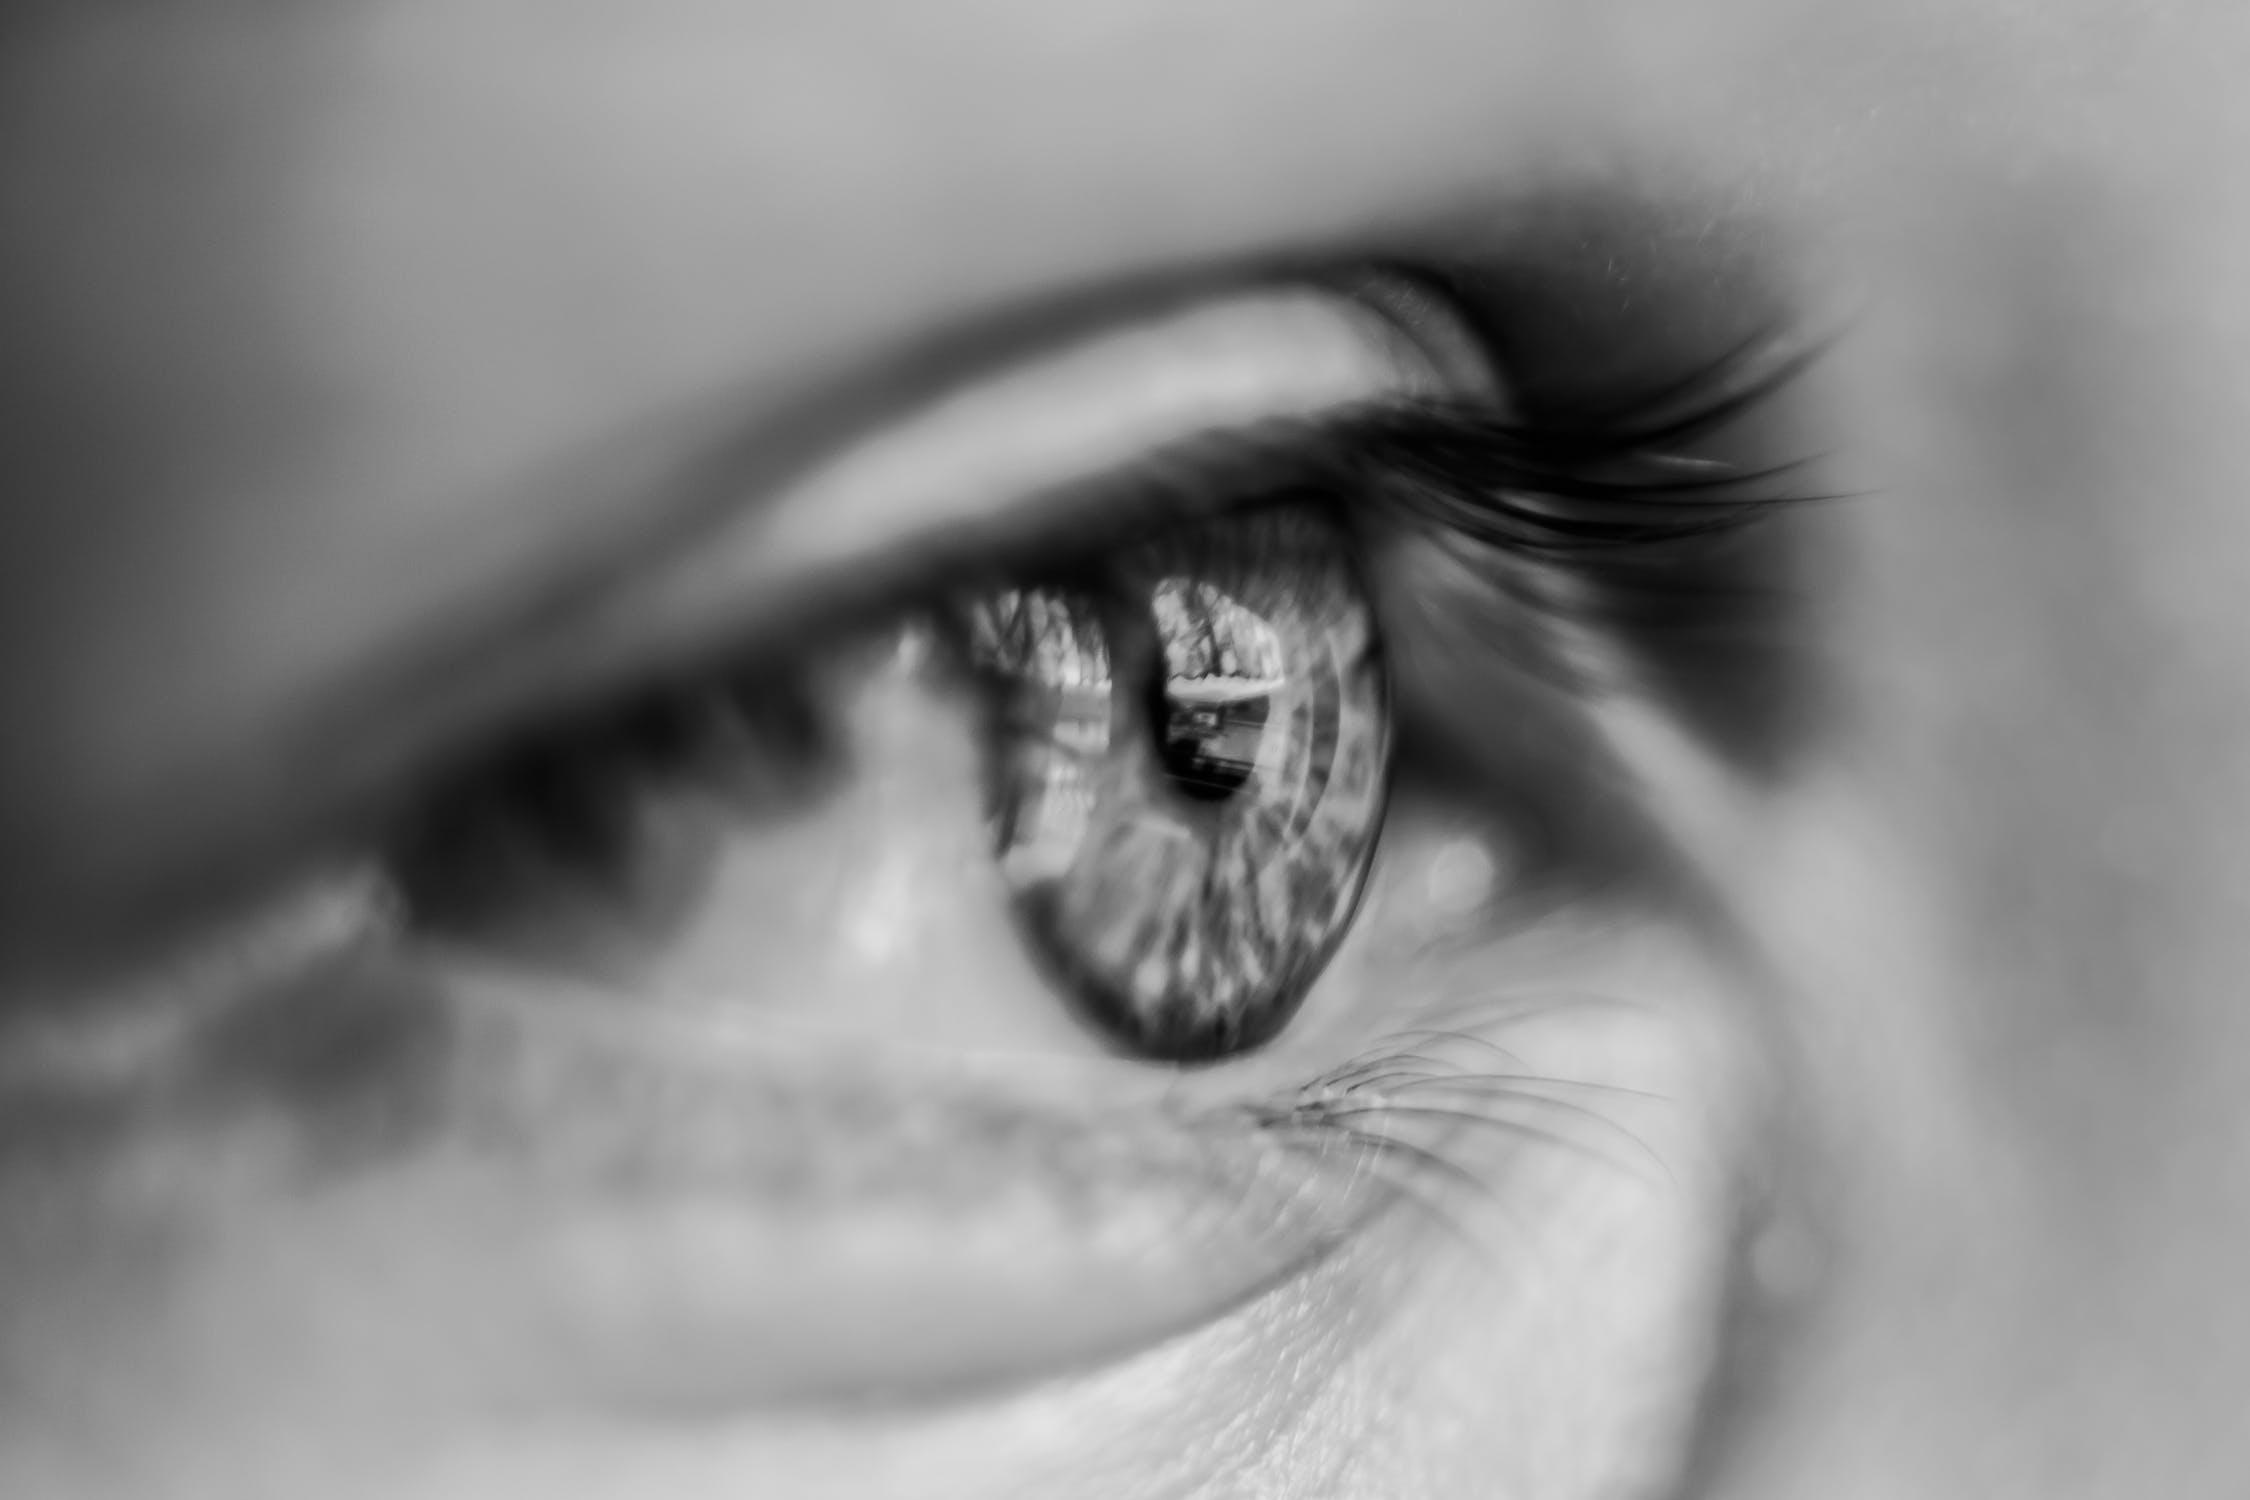 Simptome visokog tlaka kod žena teško je prepoznati, ali obratite pažnju na određene tegobe